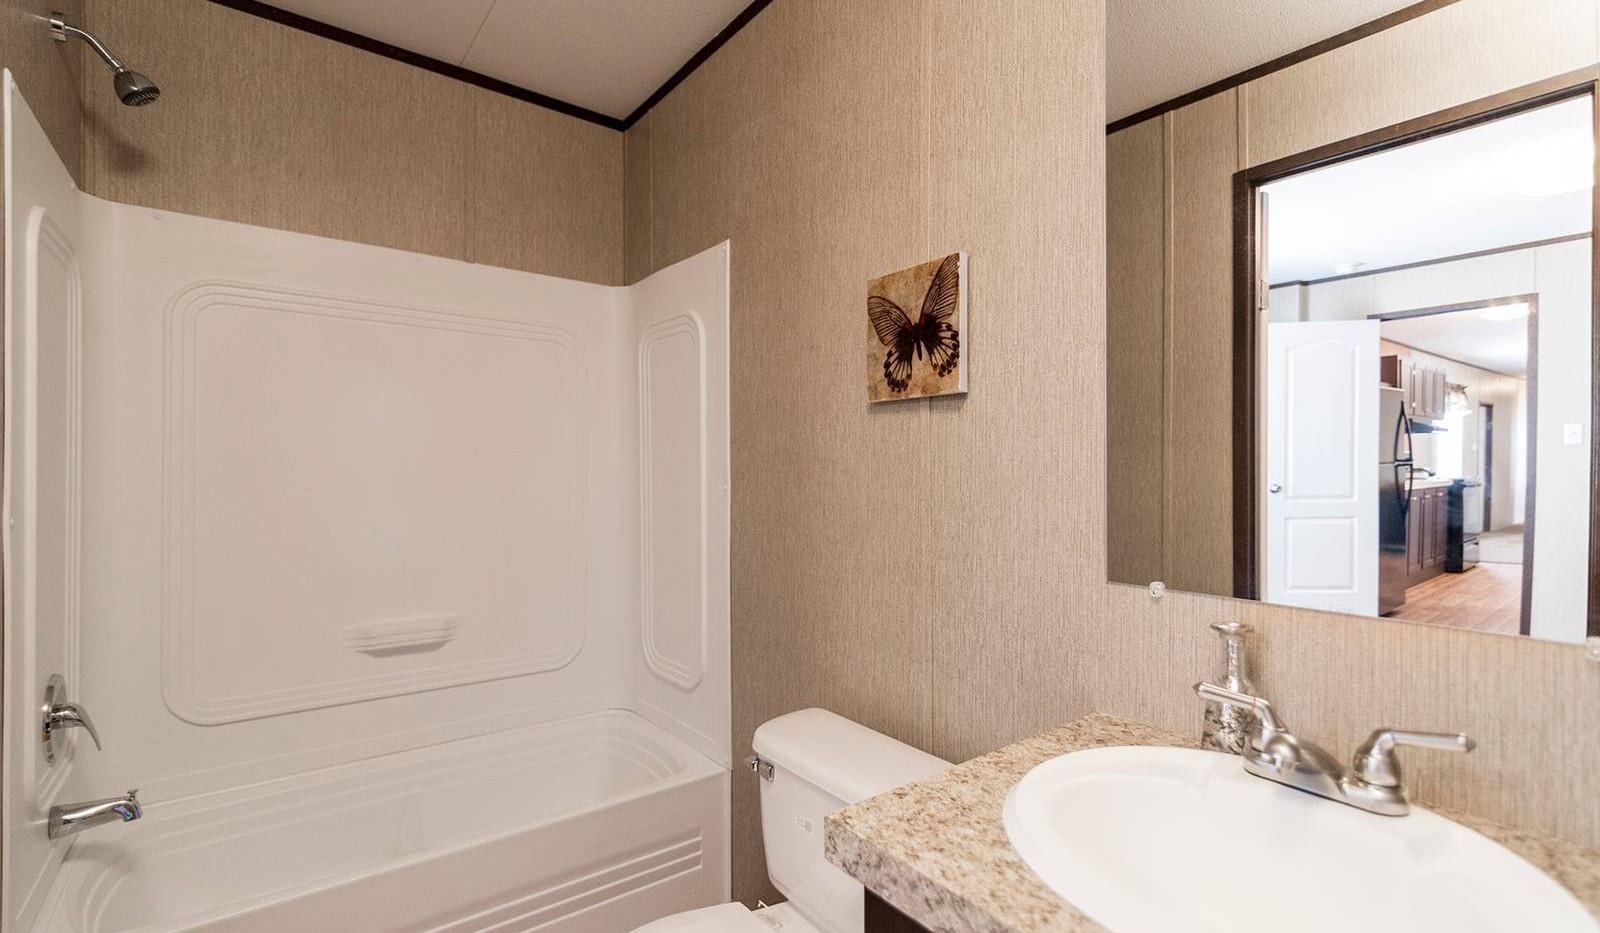 5-redman-1466a-master-bathroom-1a-1600x1